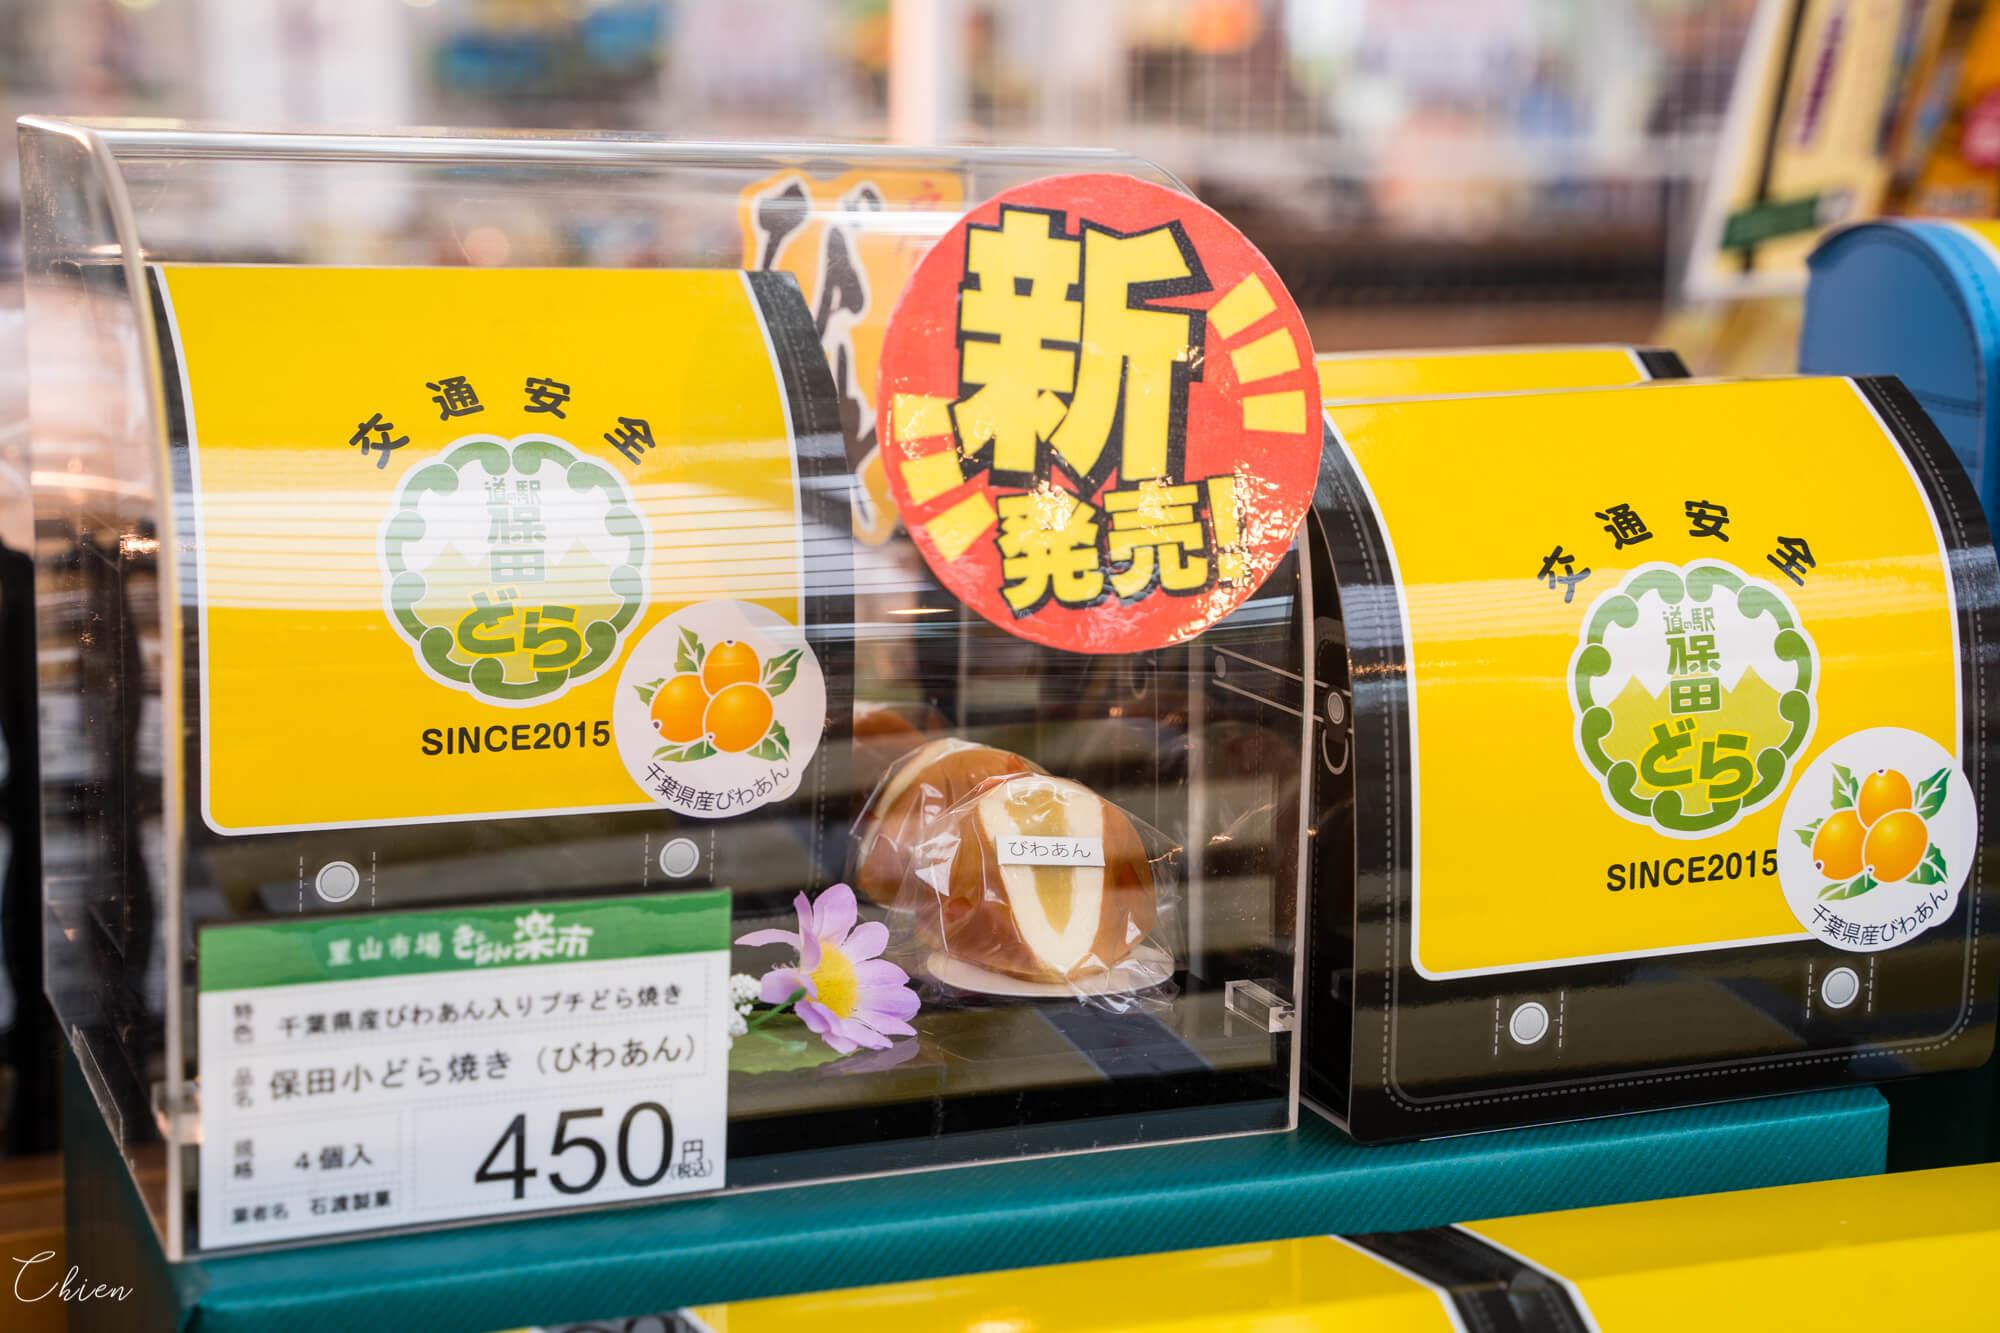 千葉觀光休息站「保田小學」 零食伴手禮